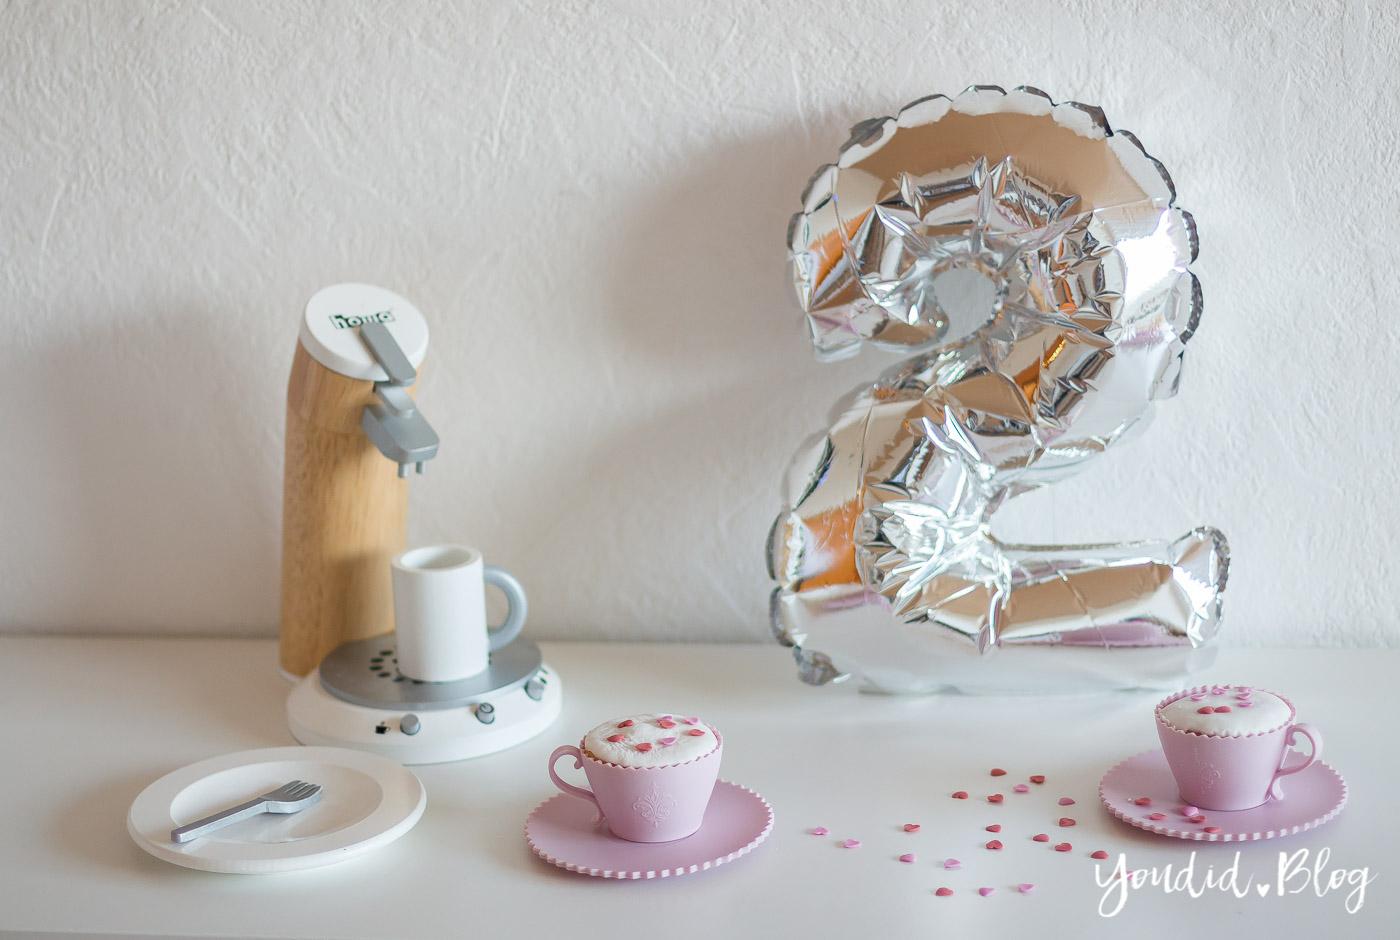 Geschenkideen zum 2. Geburtstag - Youdid